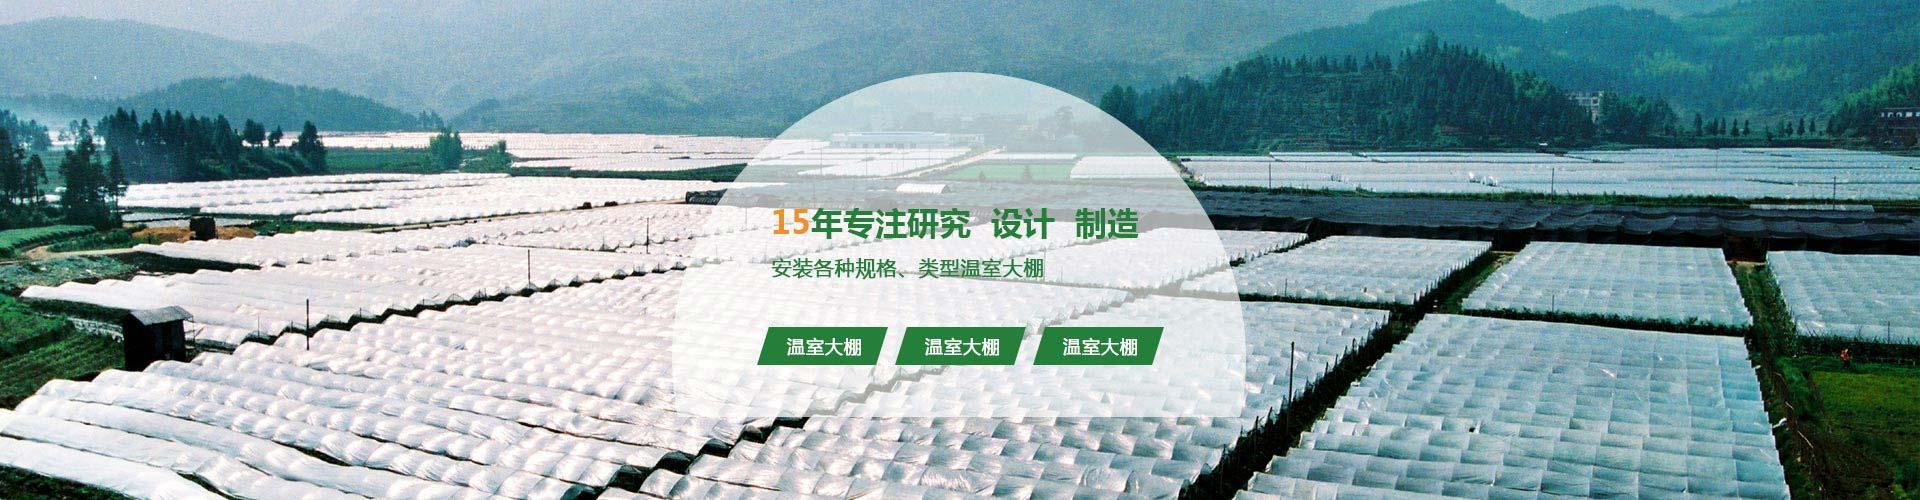 乐虎APP苹果安装塑料乐虎直播lehu